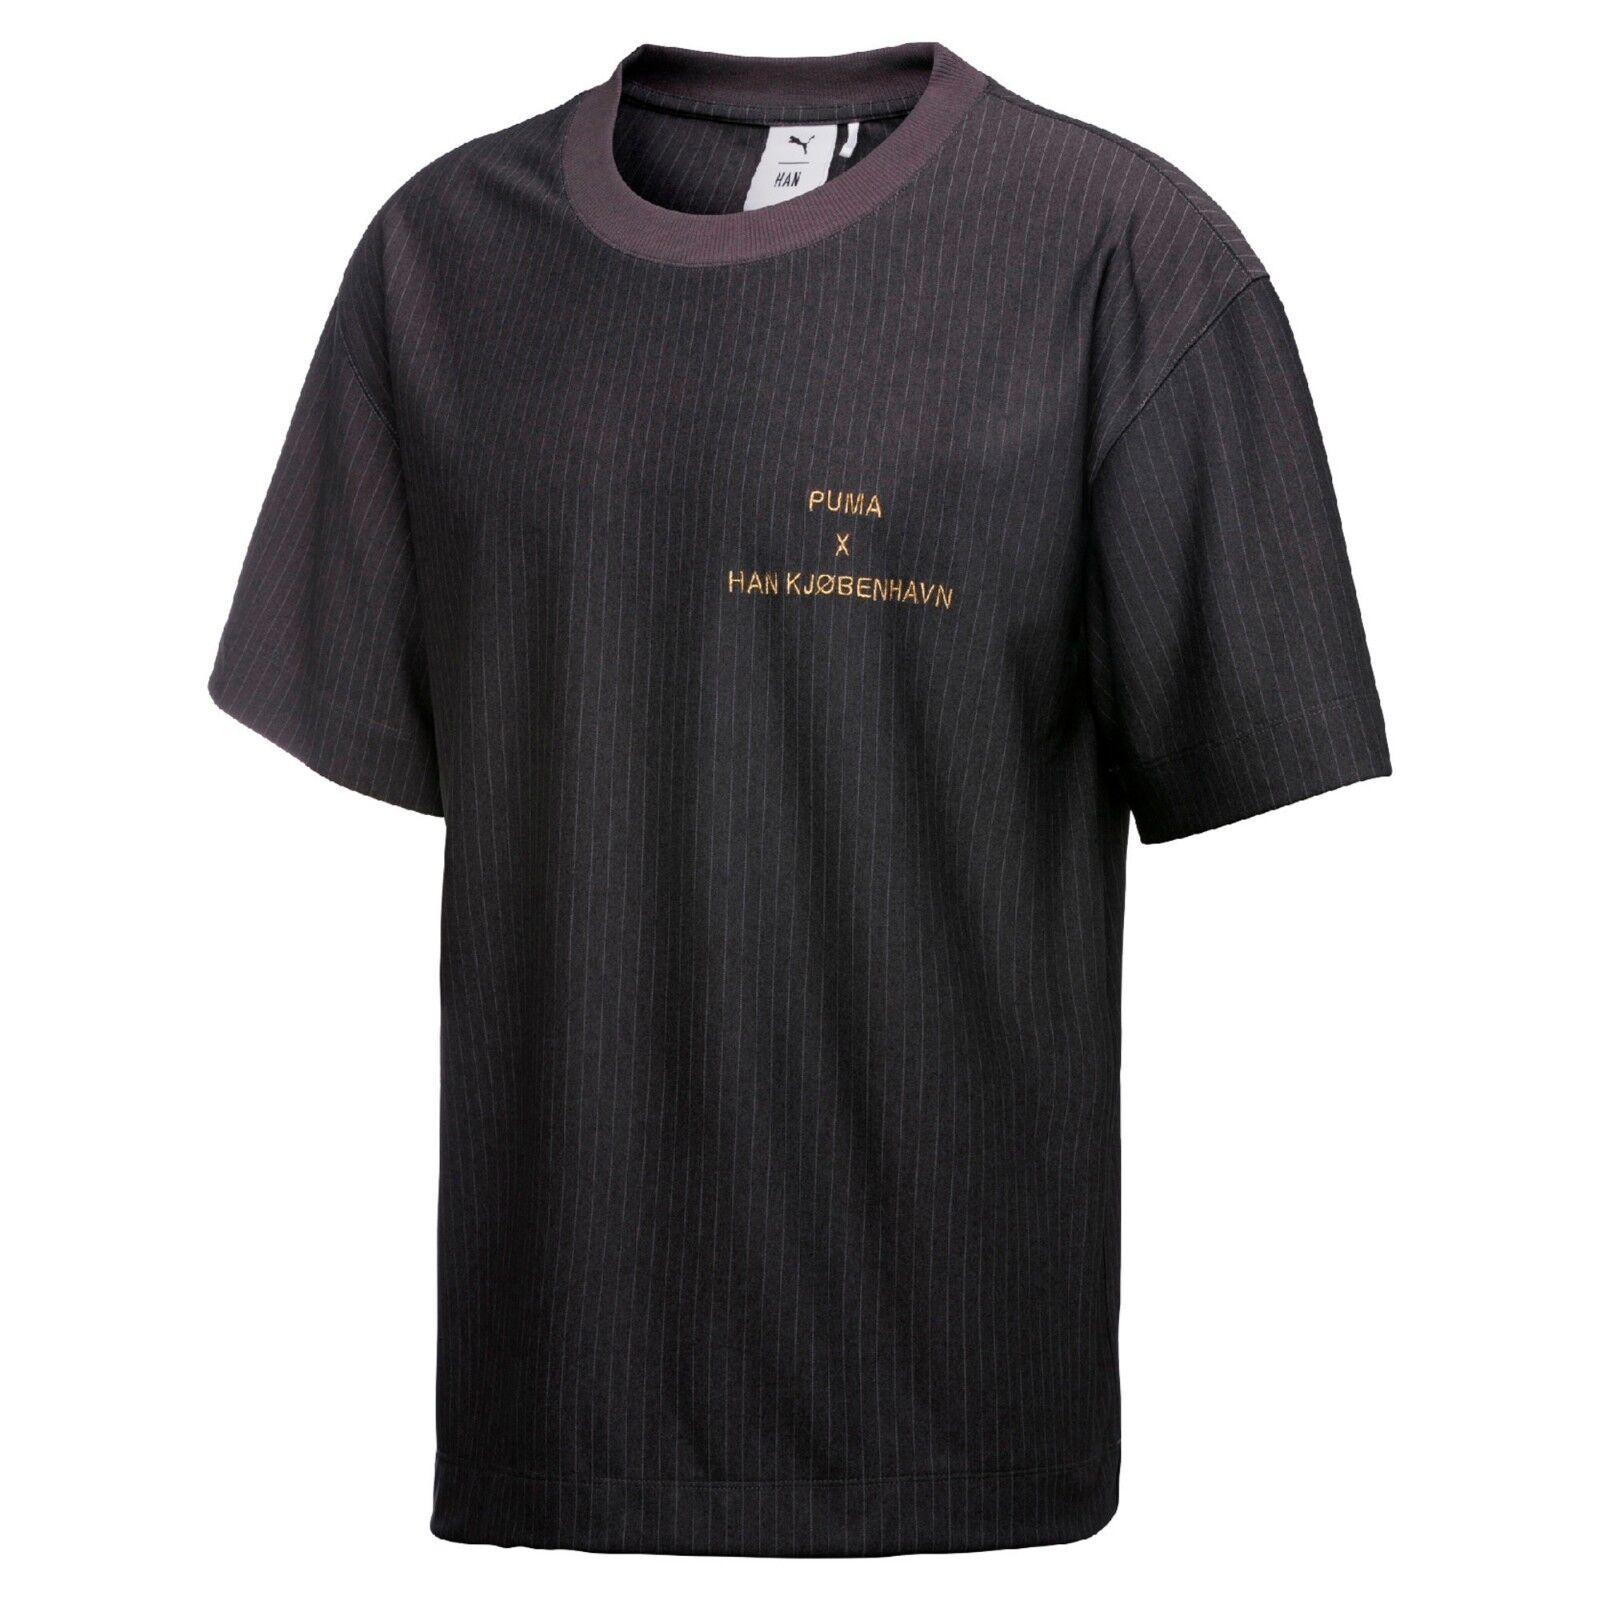 PUMA x HAN KJØBENHAVN Pinstripe T-Shirt size XXL BRAND NEW